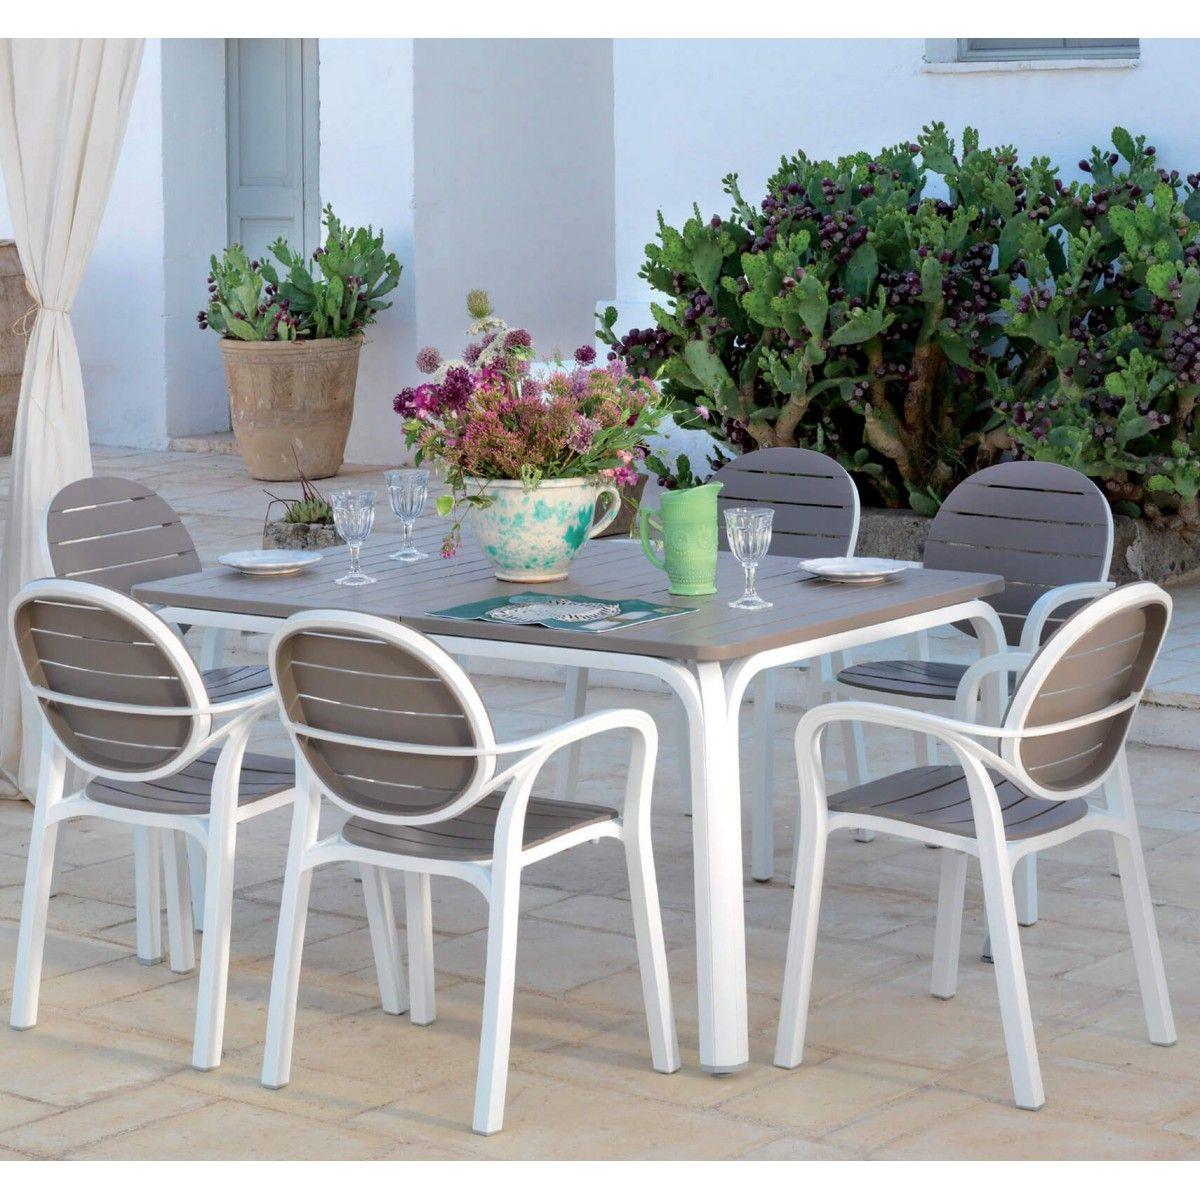 Tavolo giardino out glamour la seggiola for Tavolo giardino prezzo